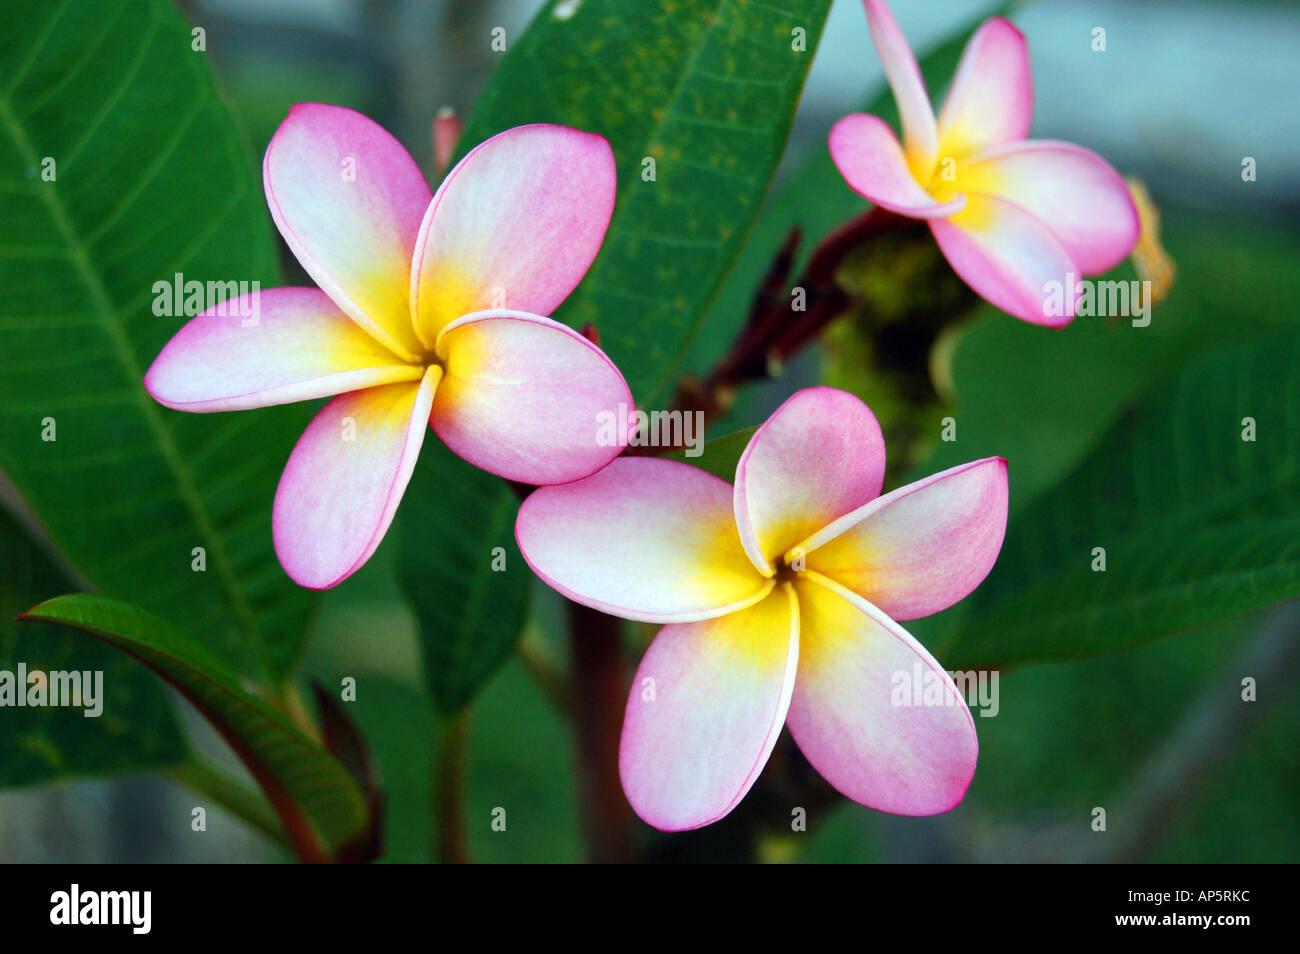 Soleil Fleur Arbre Dans Un Jardin De L Hotel L Ile Maurice Banque D